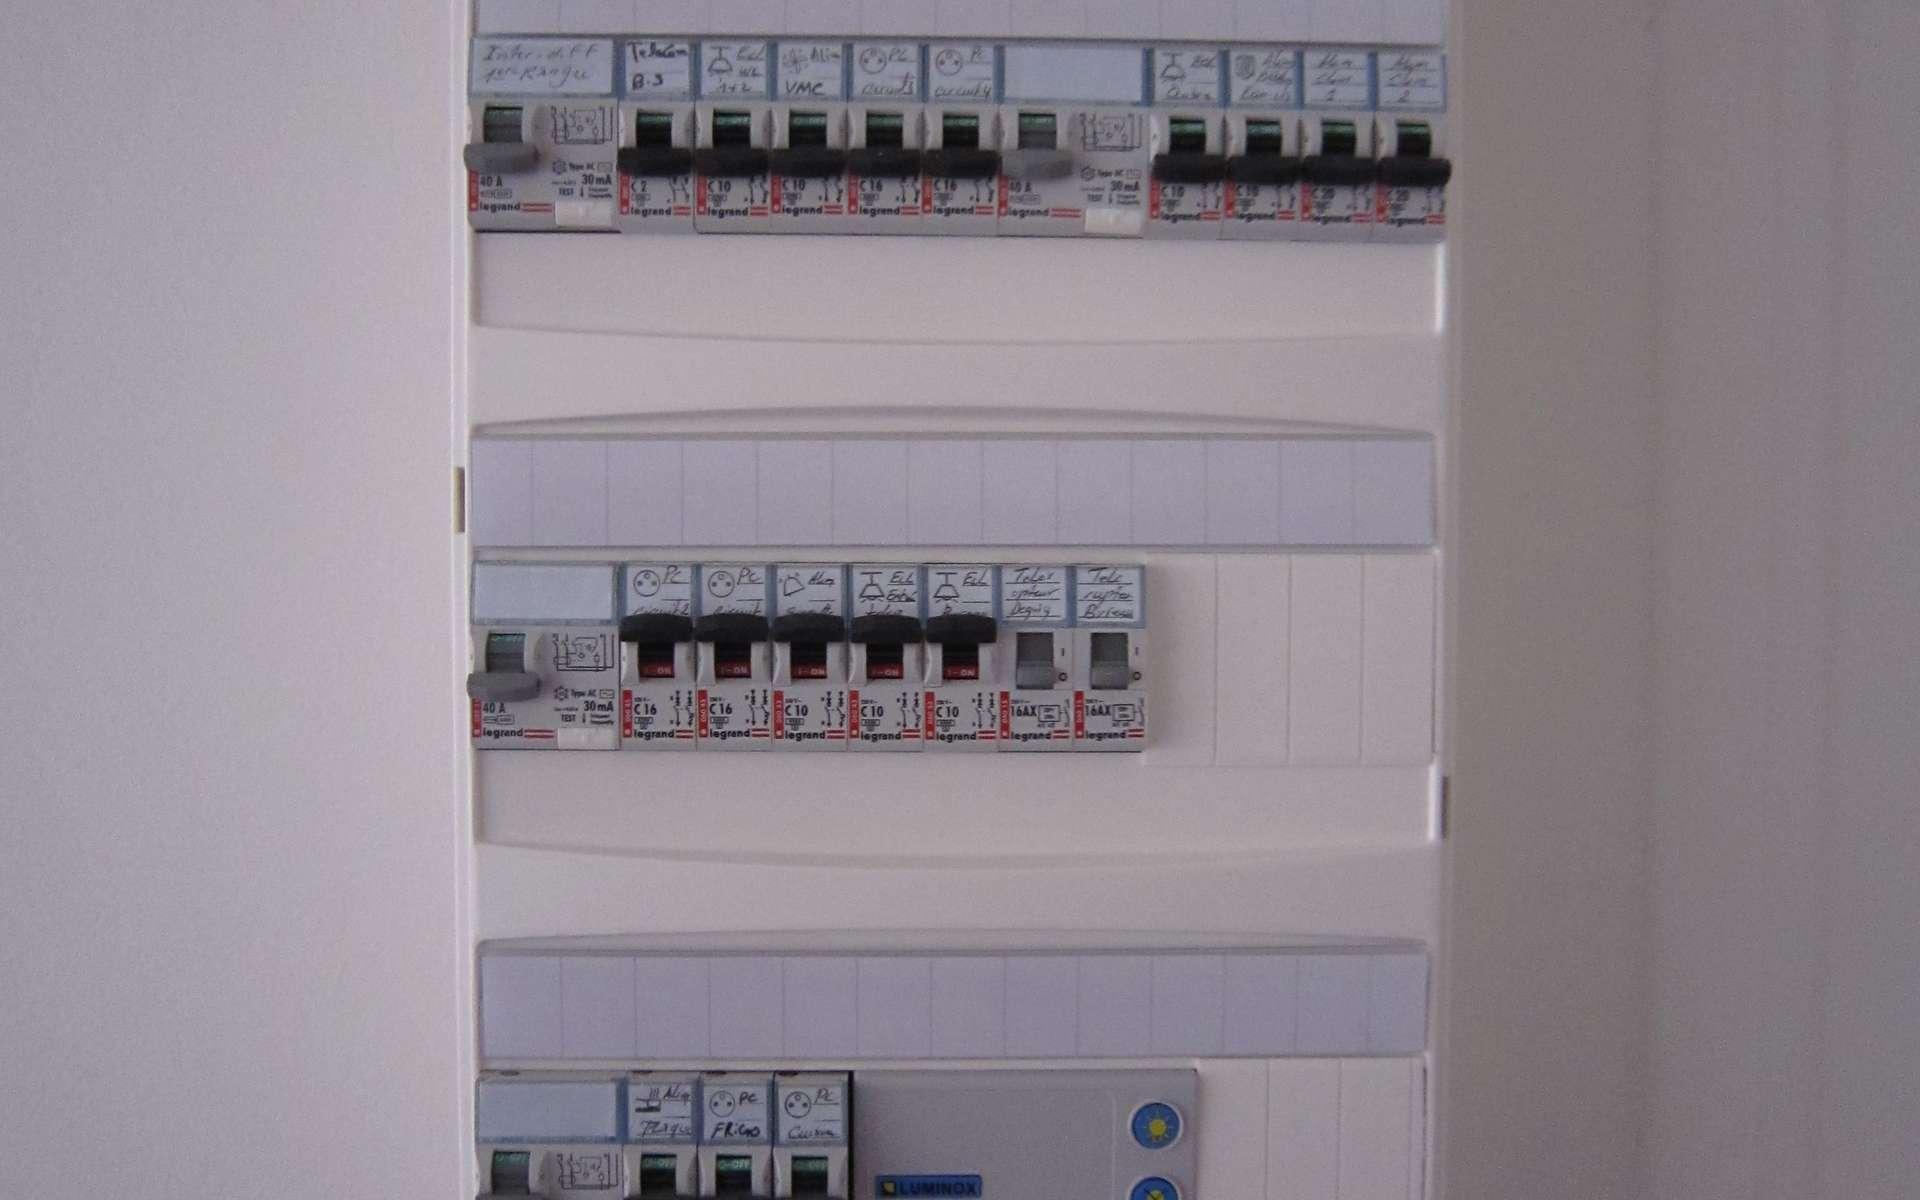 La norme NF C 15-100 réglemente les installations électriques, notamment avec des schémas de tableaux électriques. © Tristan Nitot, CC BY-NC-SA 2.0, Flickr